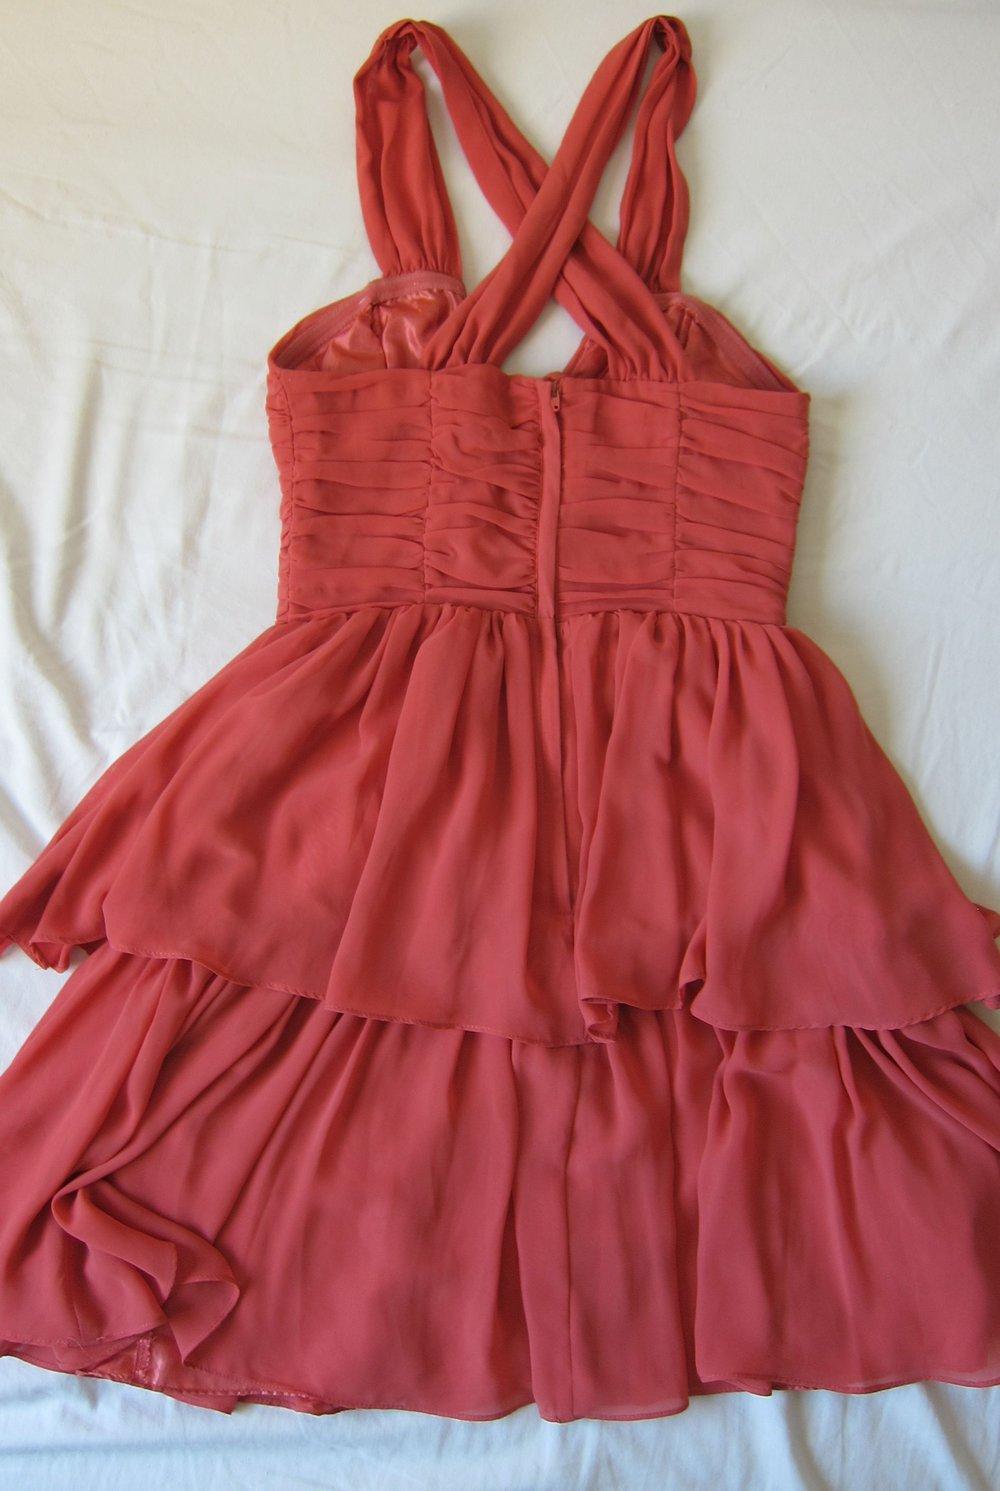 rotes kleid kurz von h&m größe 34 sommer